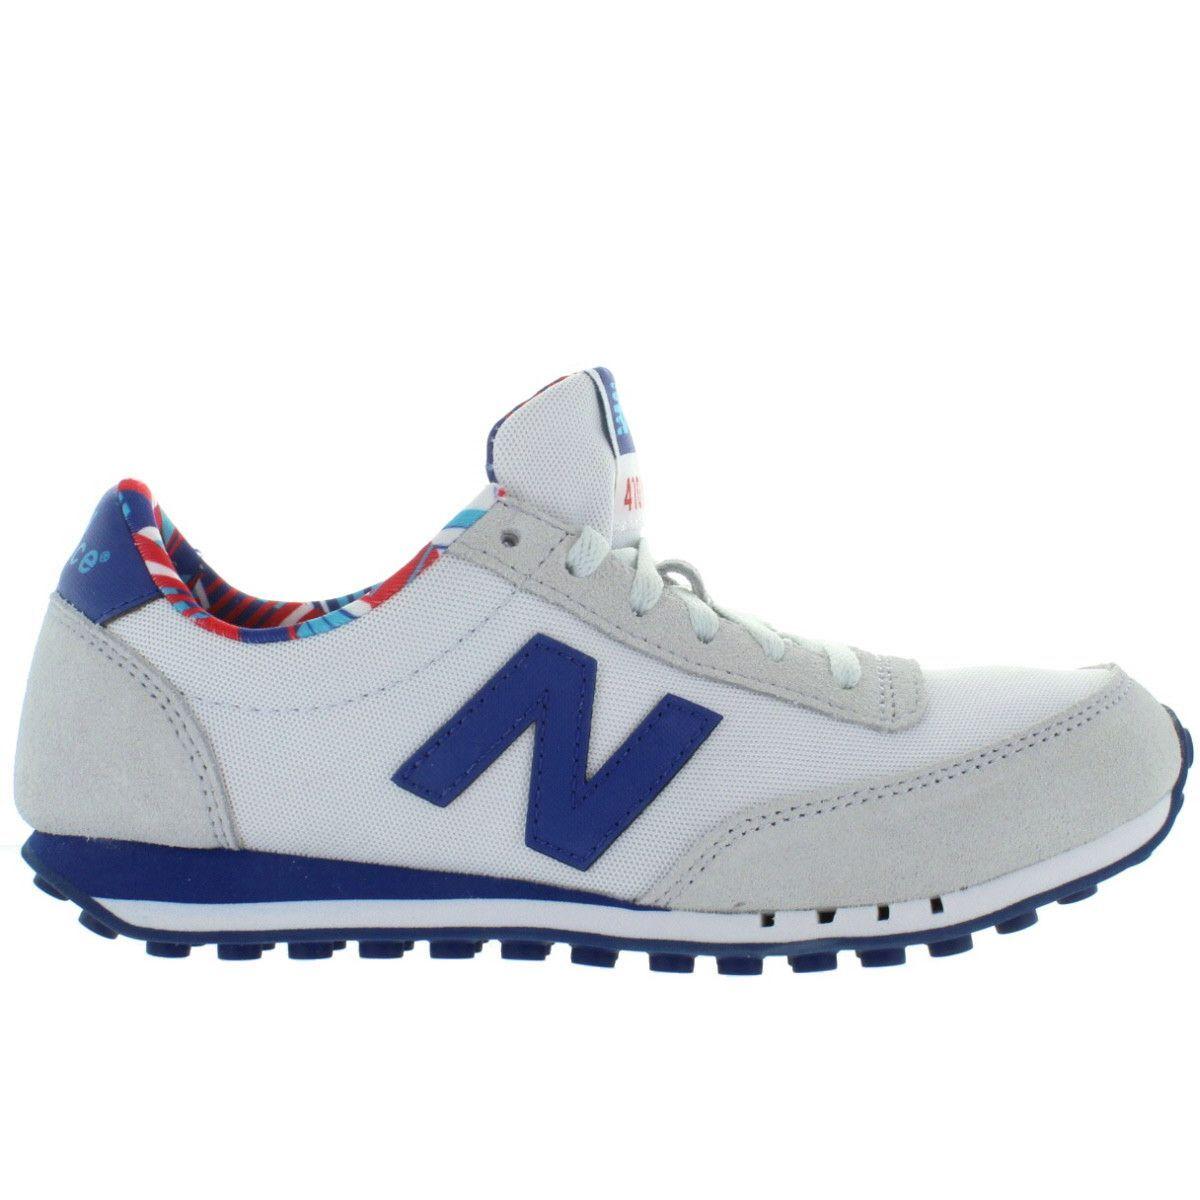 New Balance 410 Zapatillas de correr